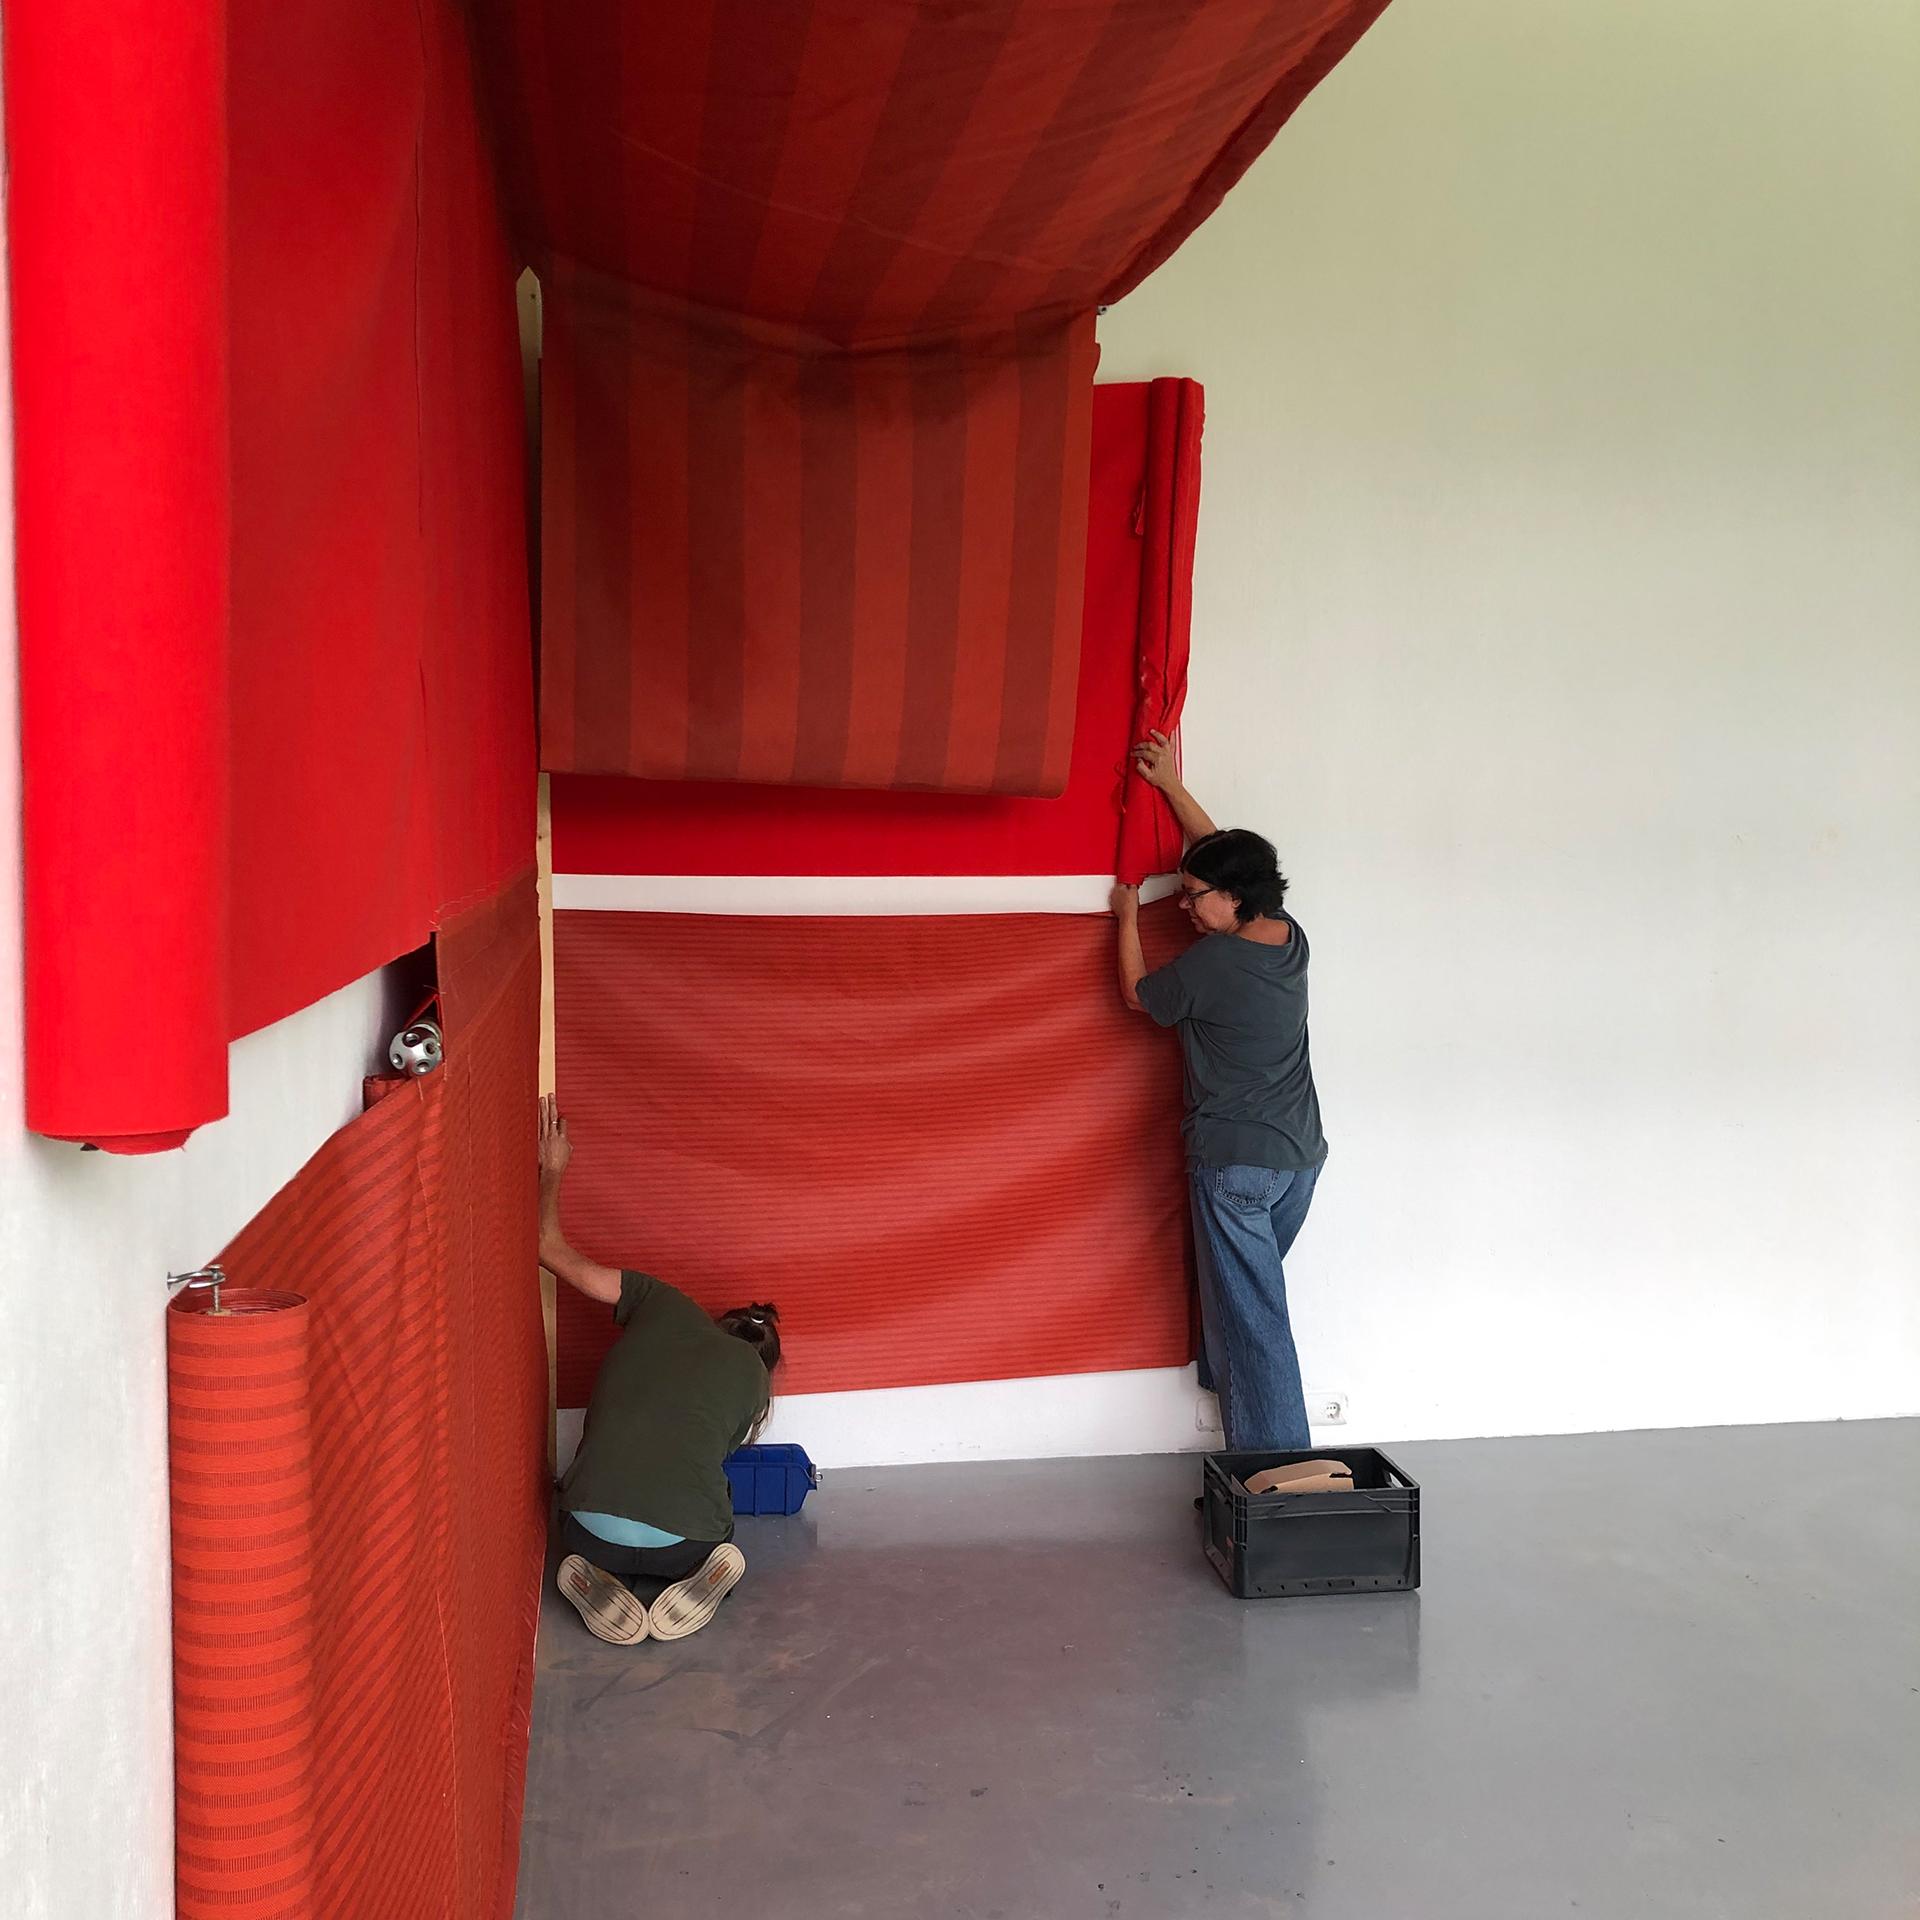 Ausstellung: NORMAL - Direkter Urbanismus x 4, Forum Stadtpark/Graz